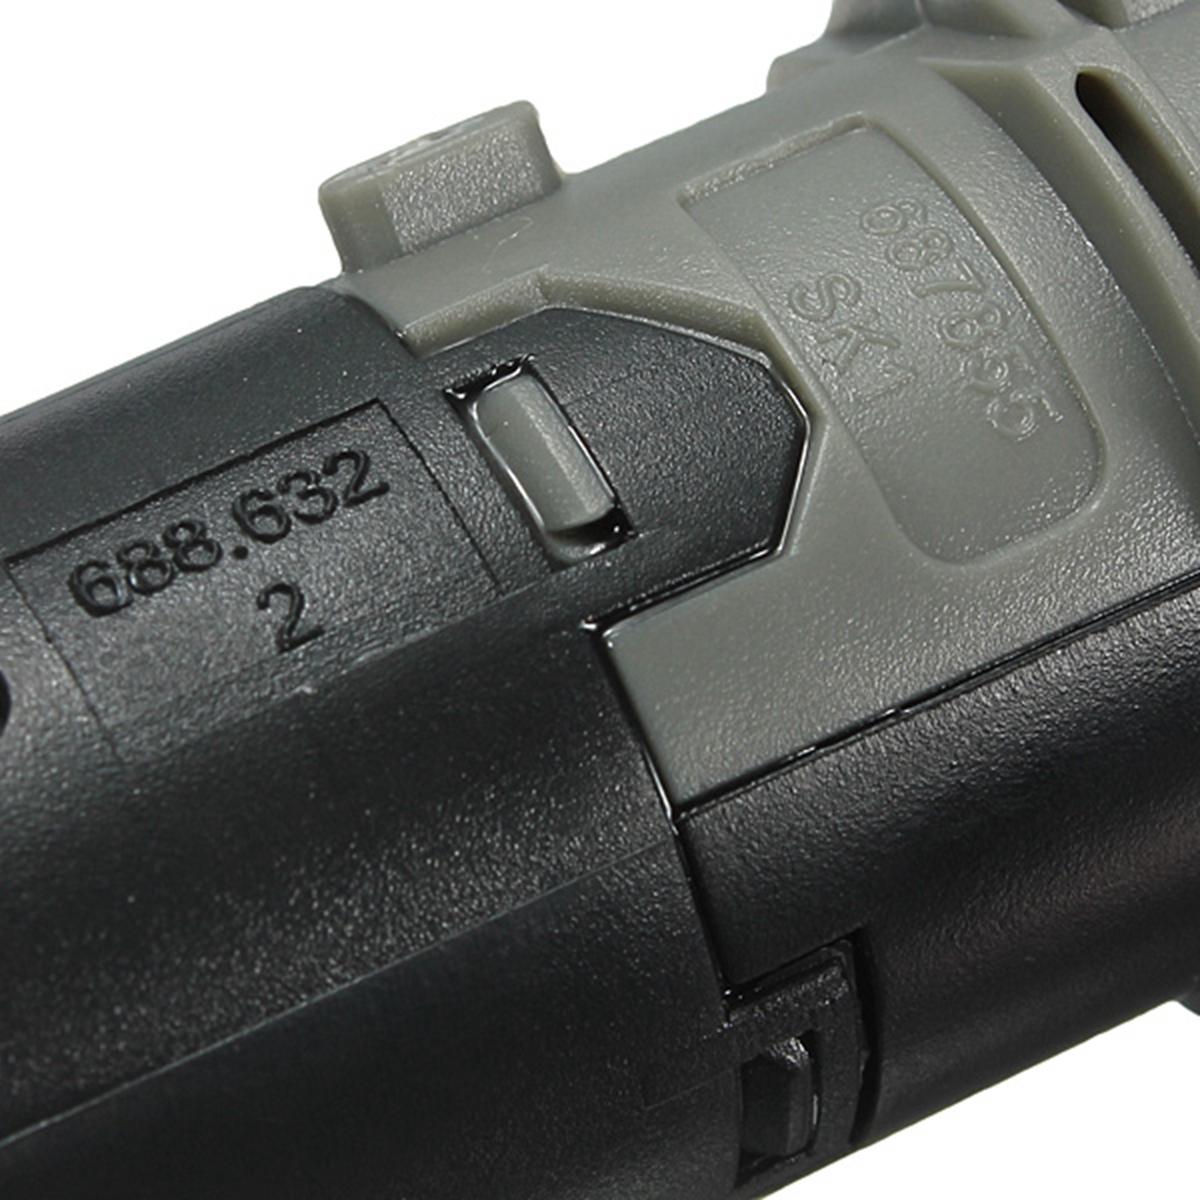 Parksensor Parking Sensor PDC For BMW E39 E46 E87 E60 E61 E63 E64 66206989069